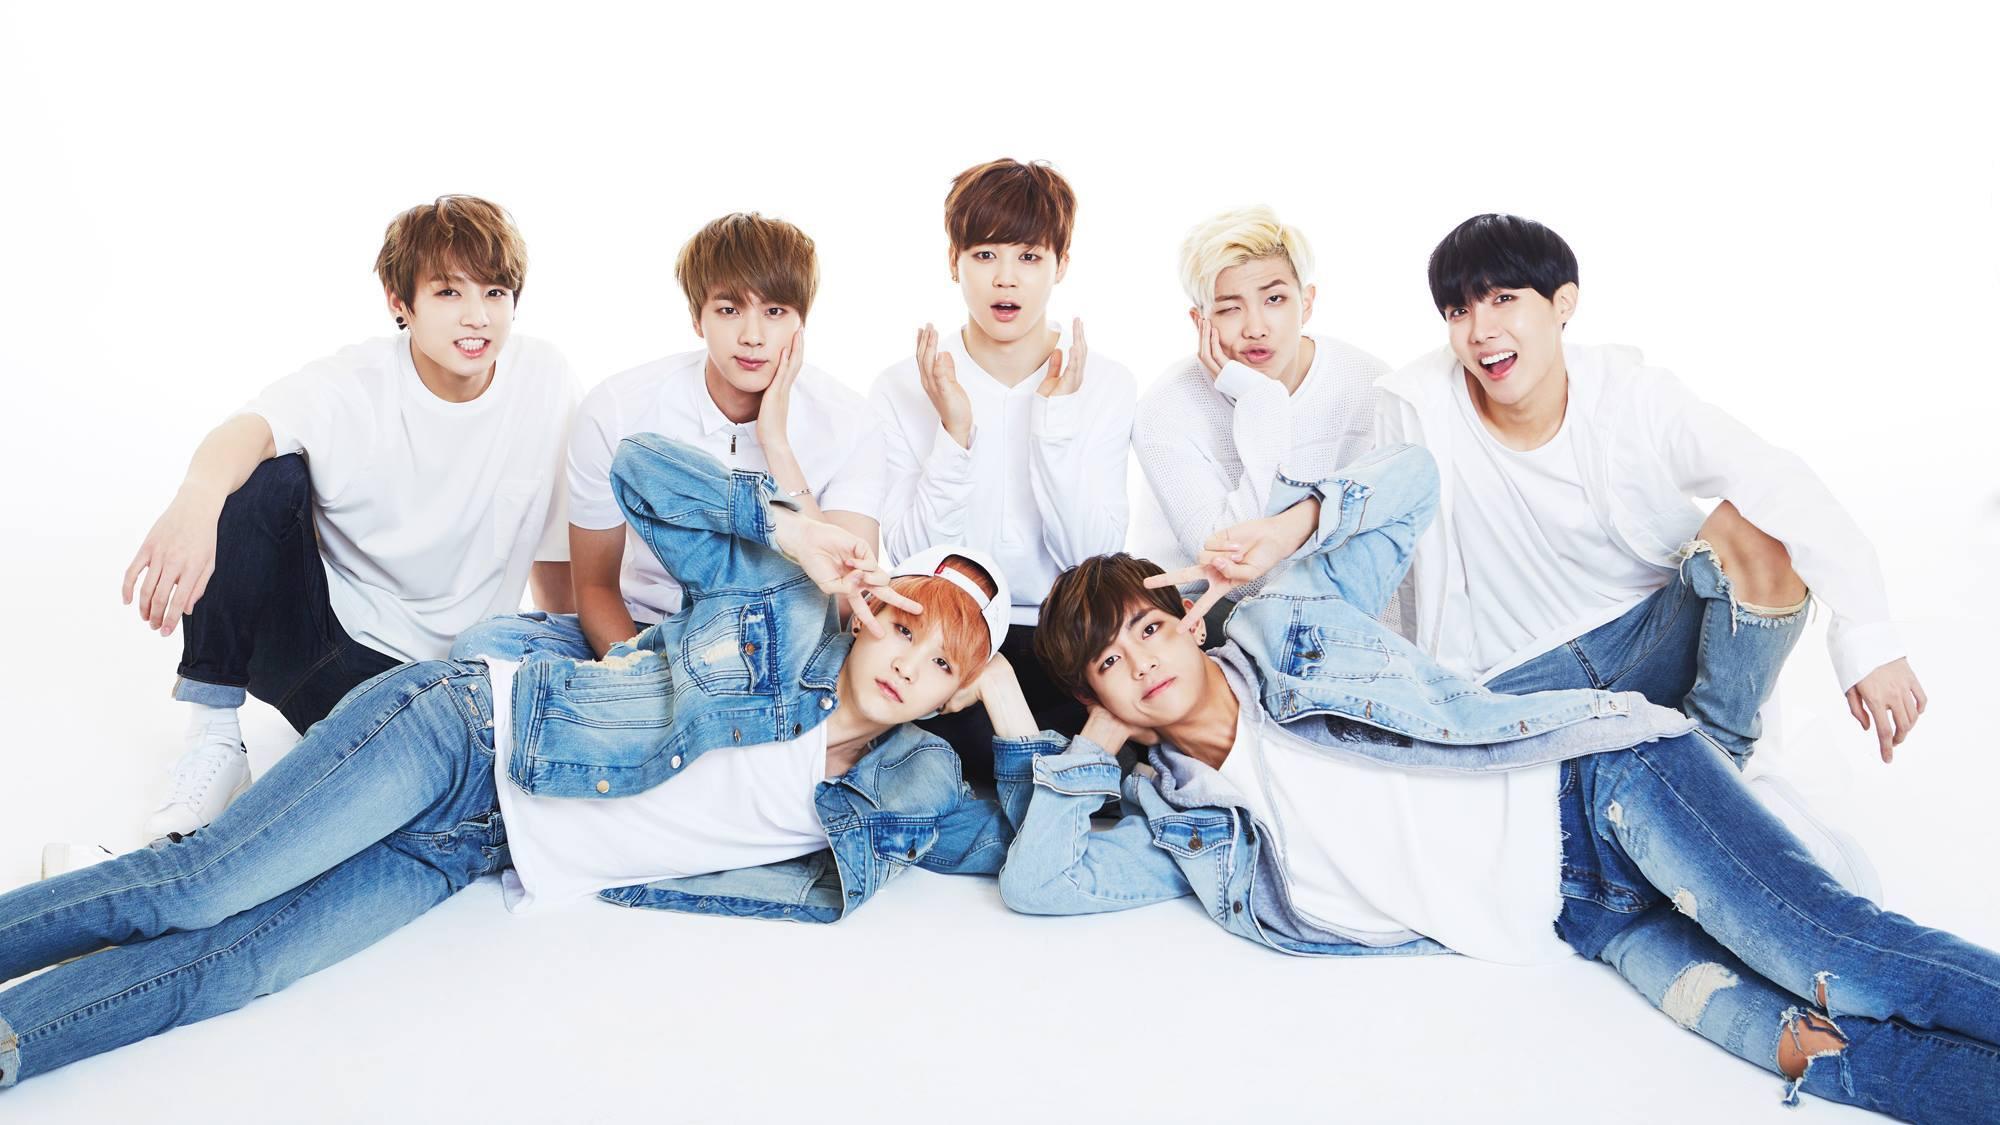 Ảnh nền BTS các thành viên với nền màu trắng